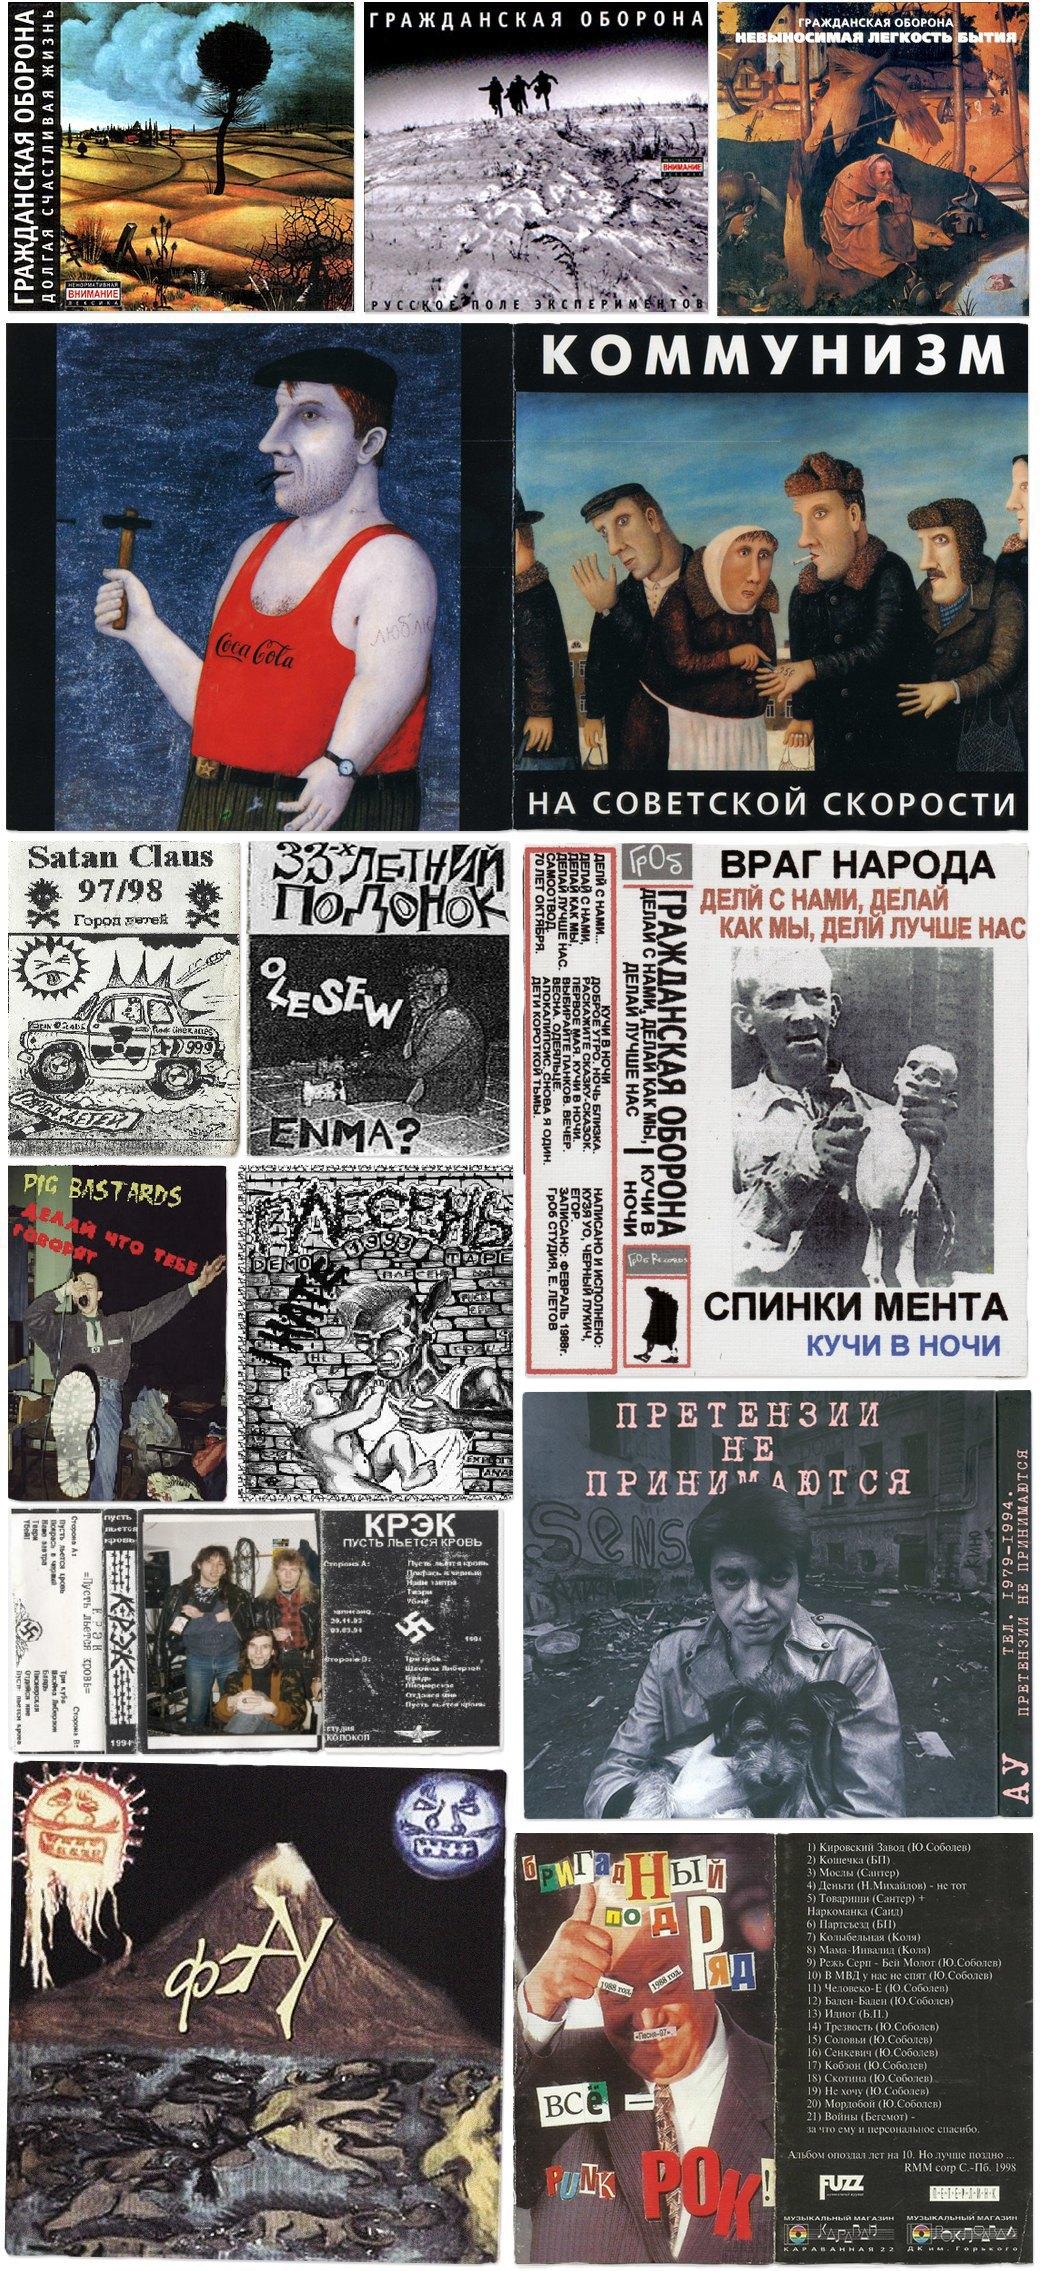 Обложки альбомов золотой эры русского панк-рока . Изображение № 2.